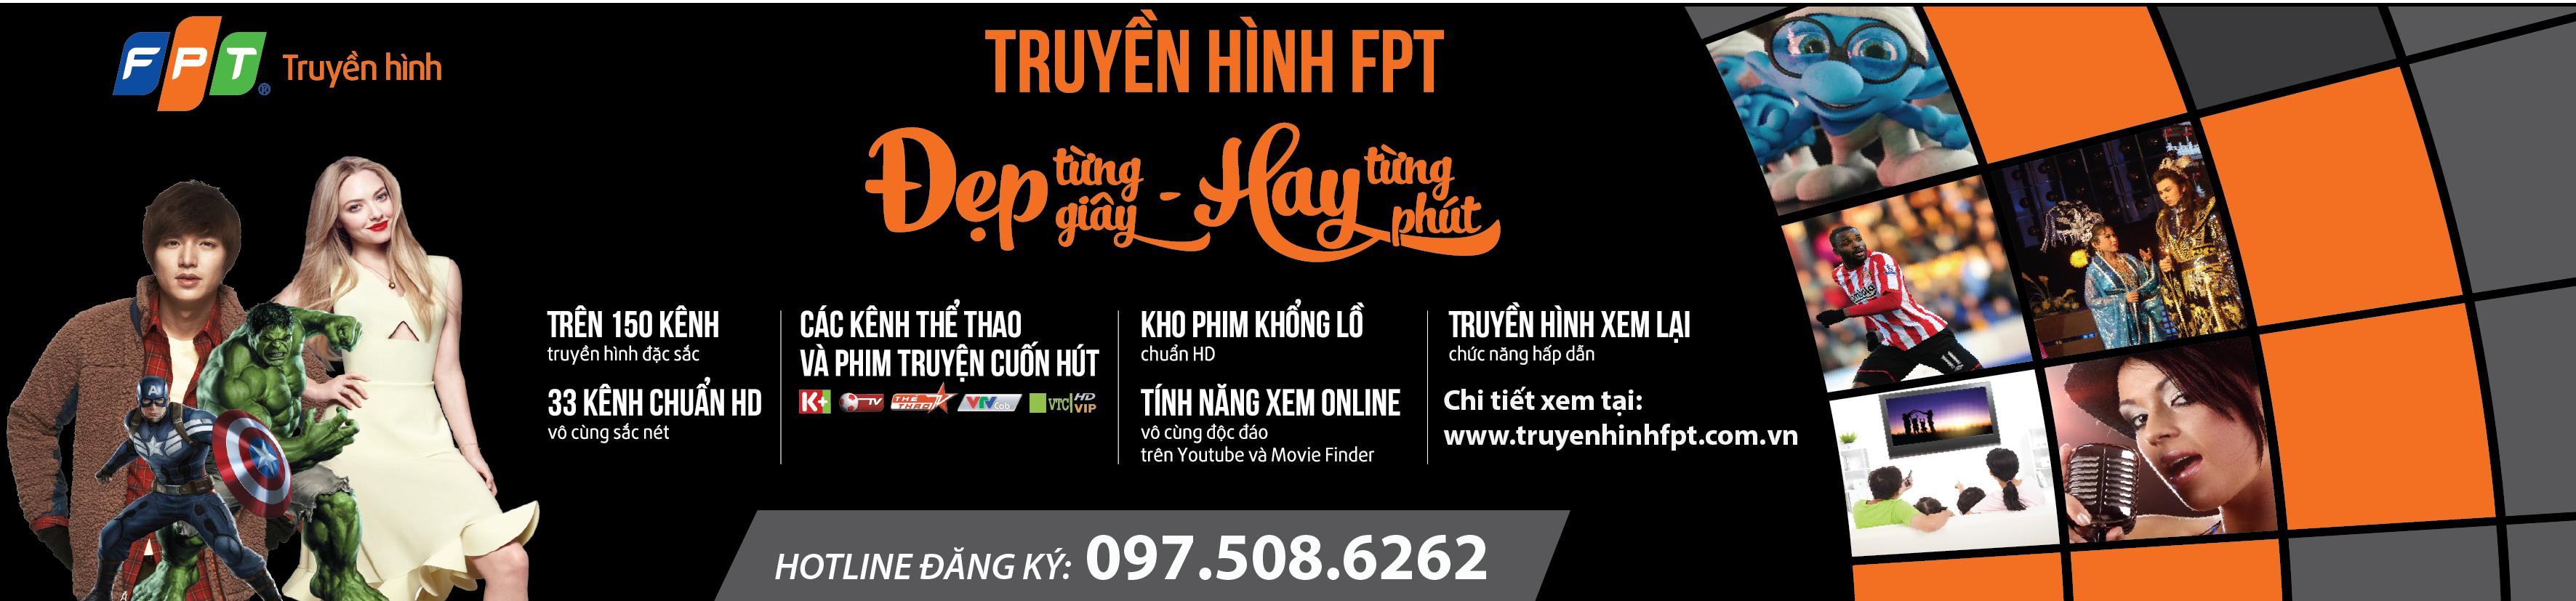 Truyền hình FPT - Đẹp từng giây - Hay Từng Phút - Hotline: 097.508.6262